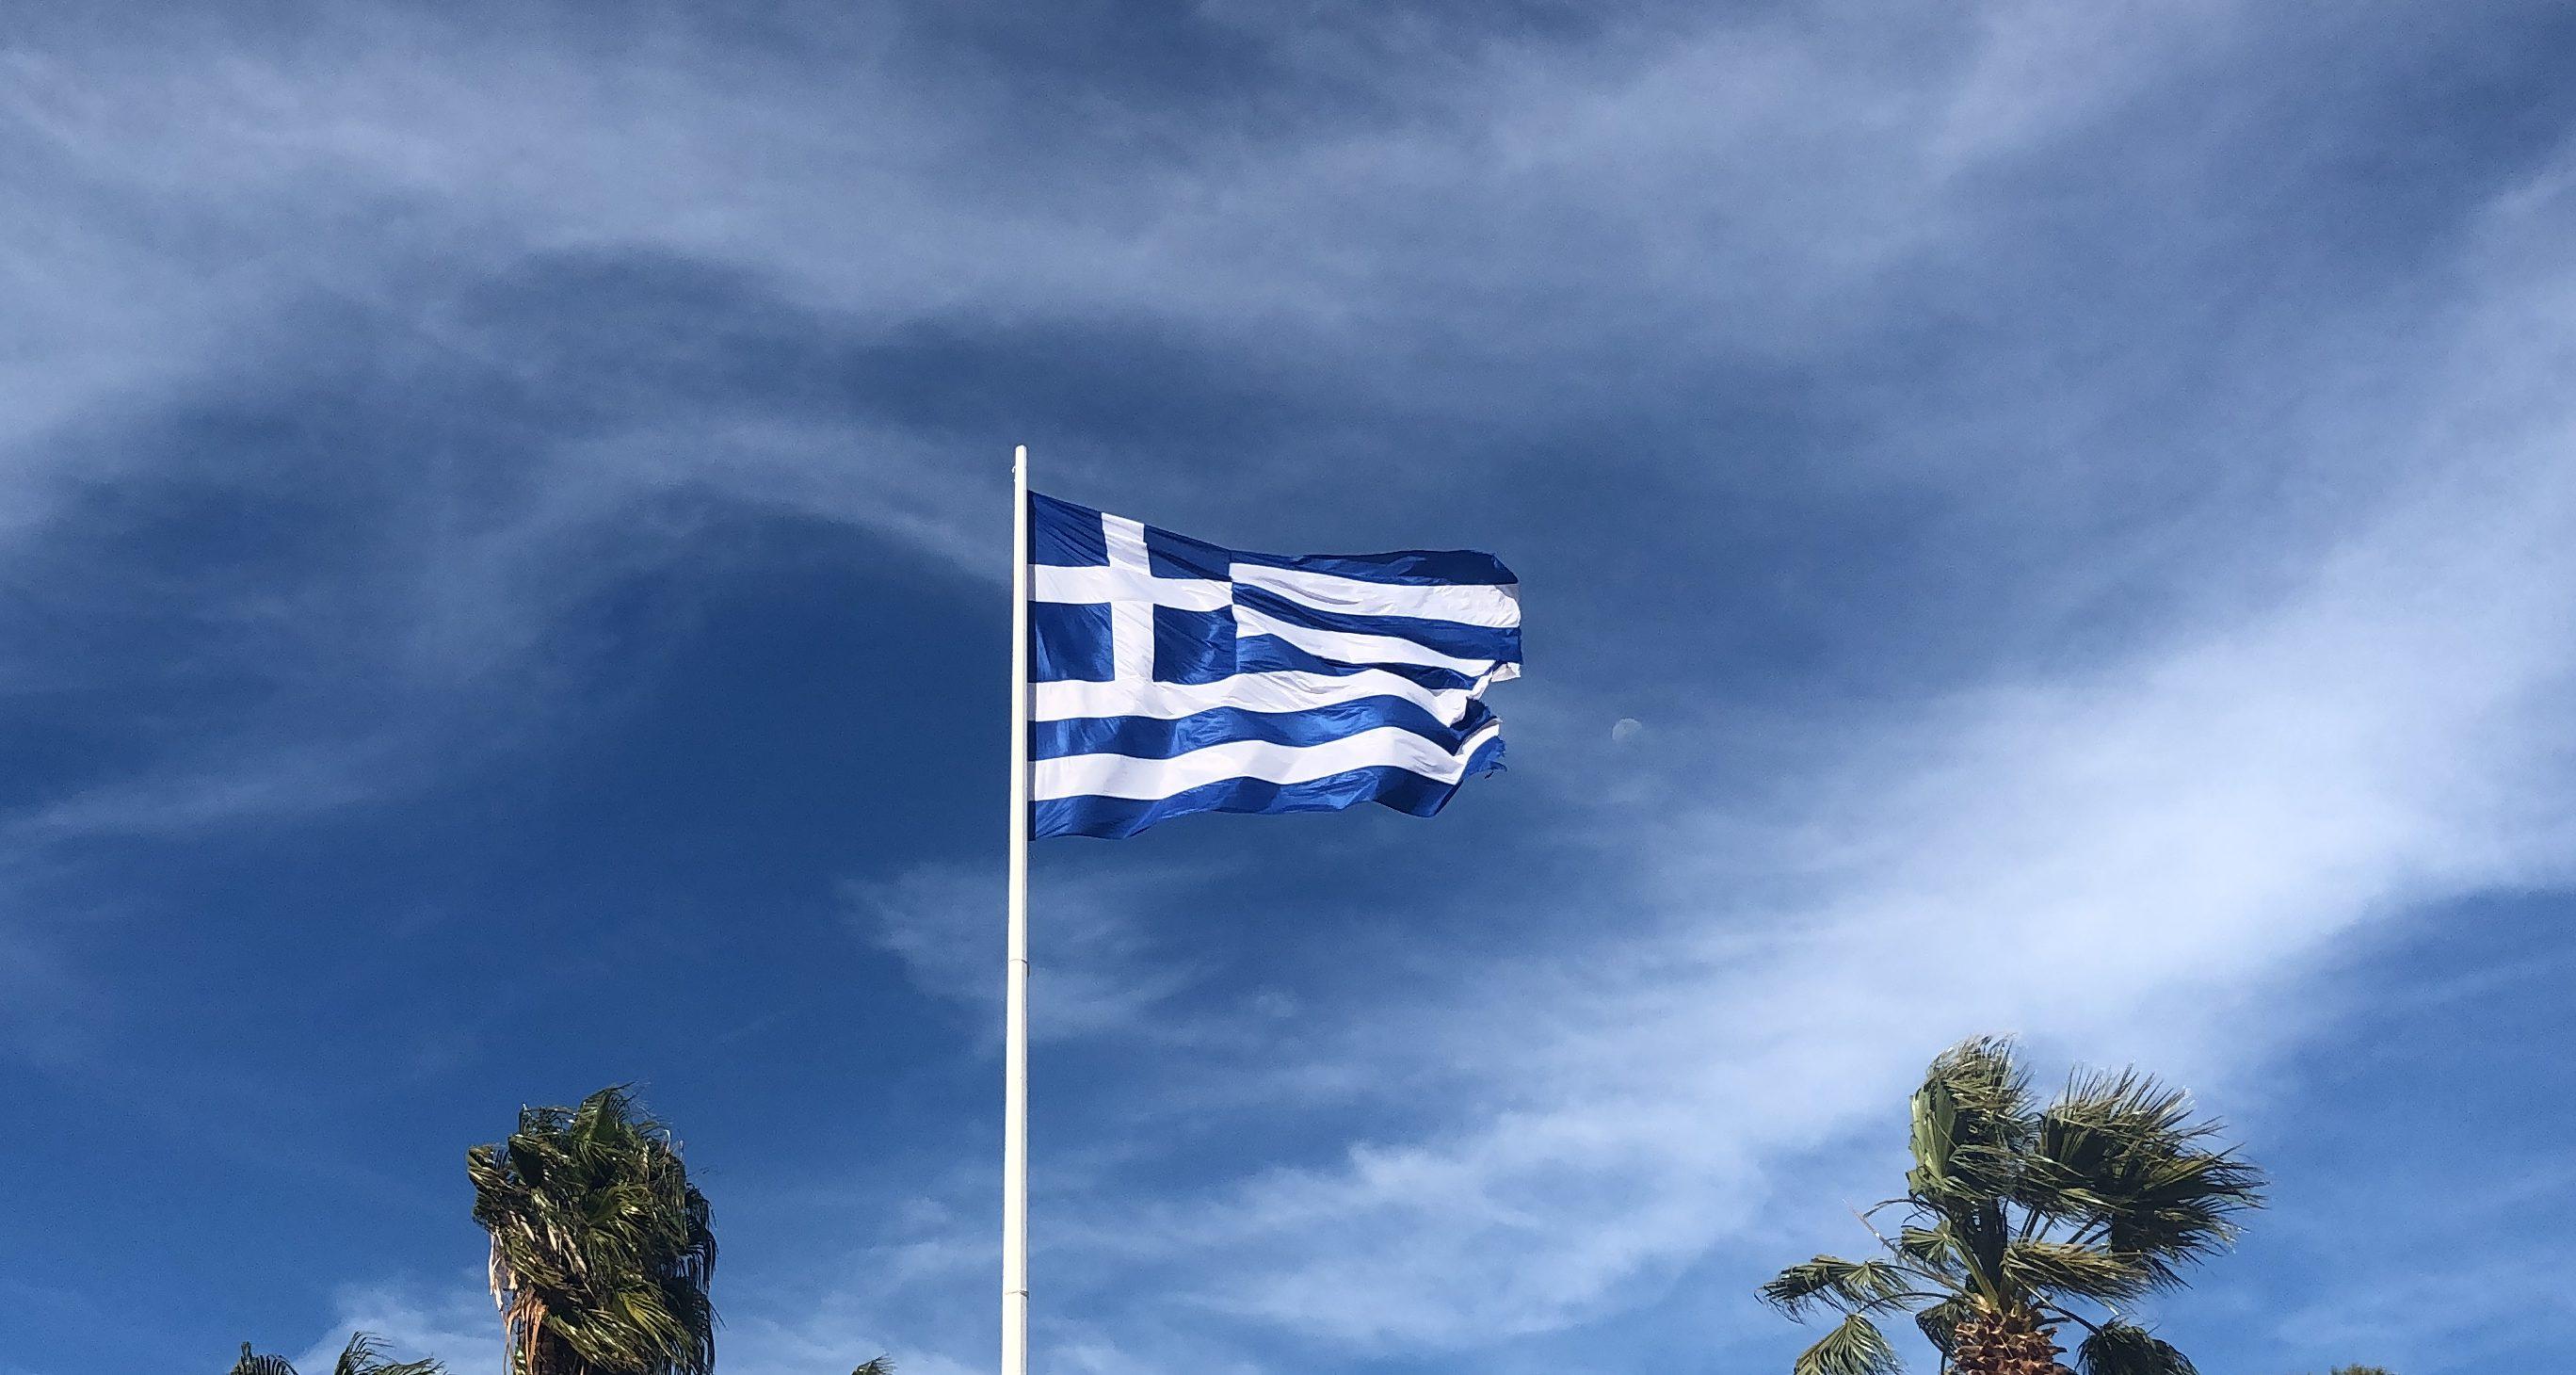 Η σημαία μας παραμένει ψηλά!